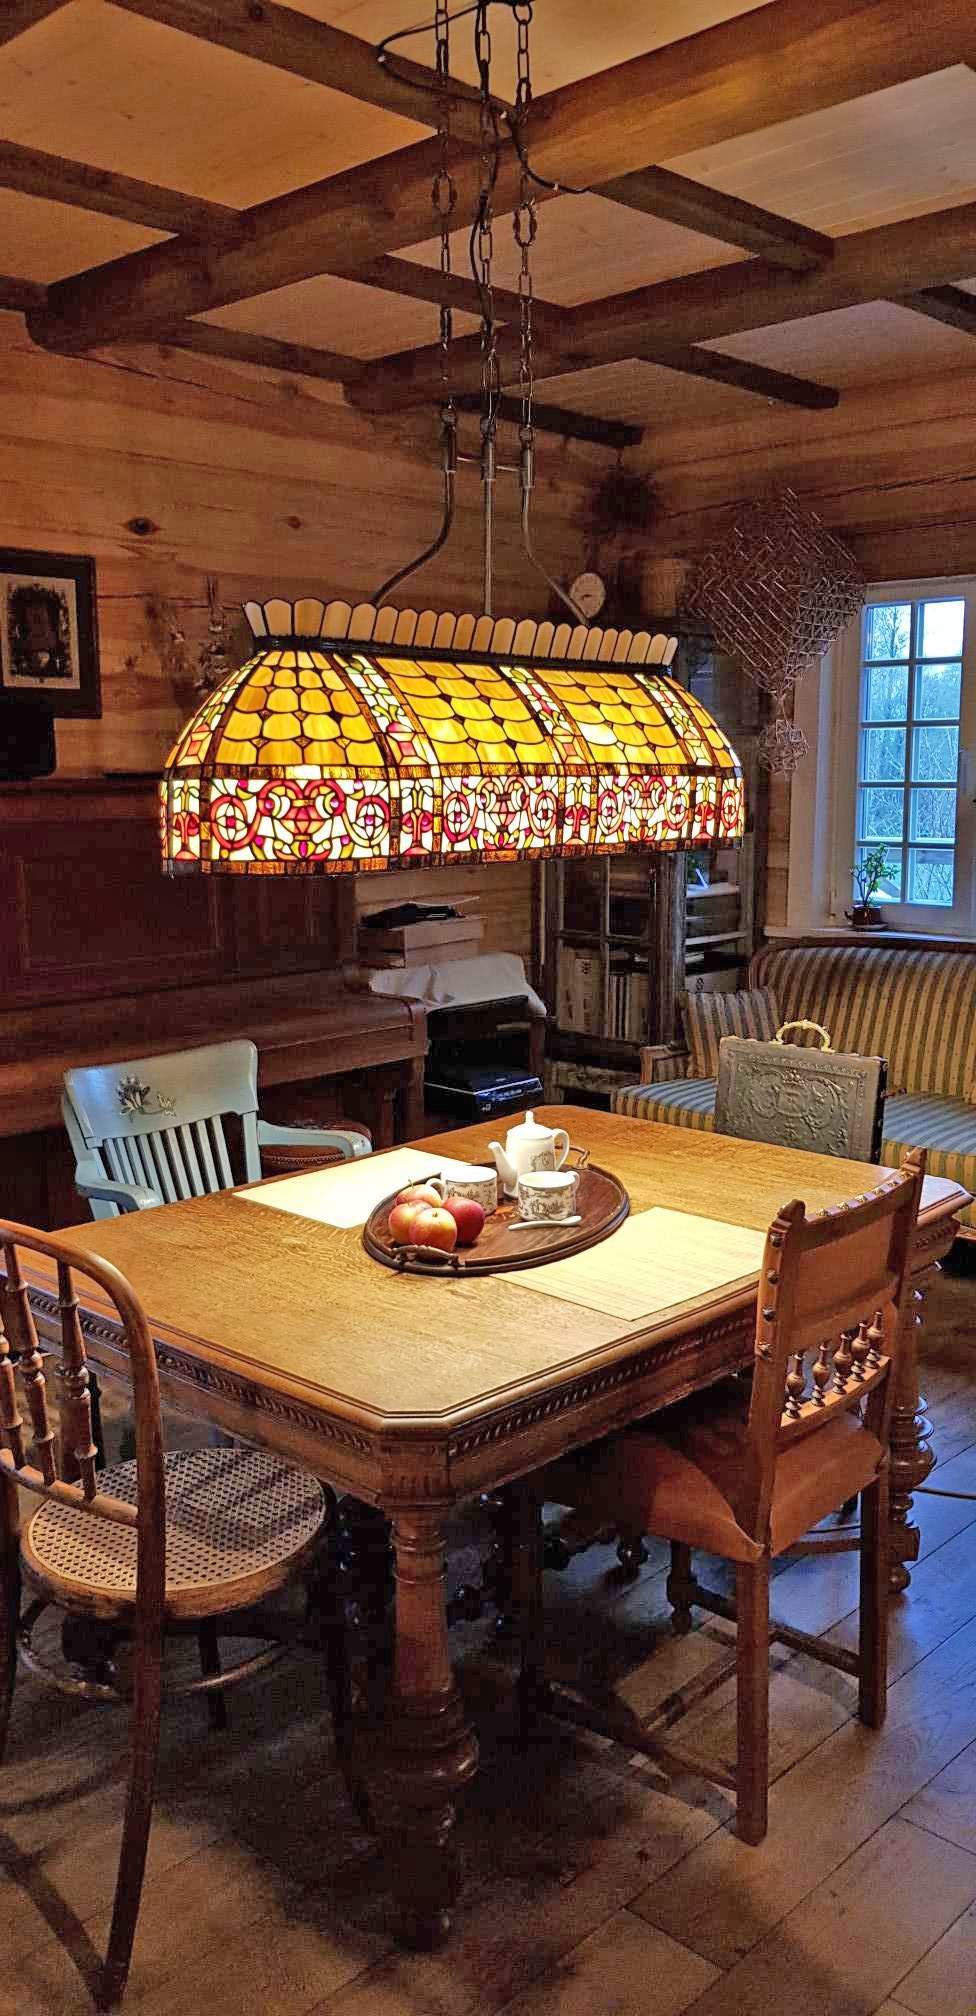 Full Size of Lampen Esstisch Tiffany Billard Lampe Carrousel 5440 Esstische Massivholz Deckenlampen Wohnzimmer Ausziehbar Holz Massiv Beton Pendelleuchte Esstischstühle Esstische Lampen Esstisch